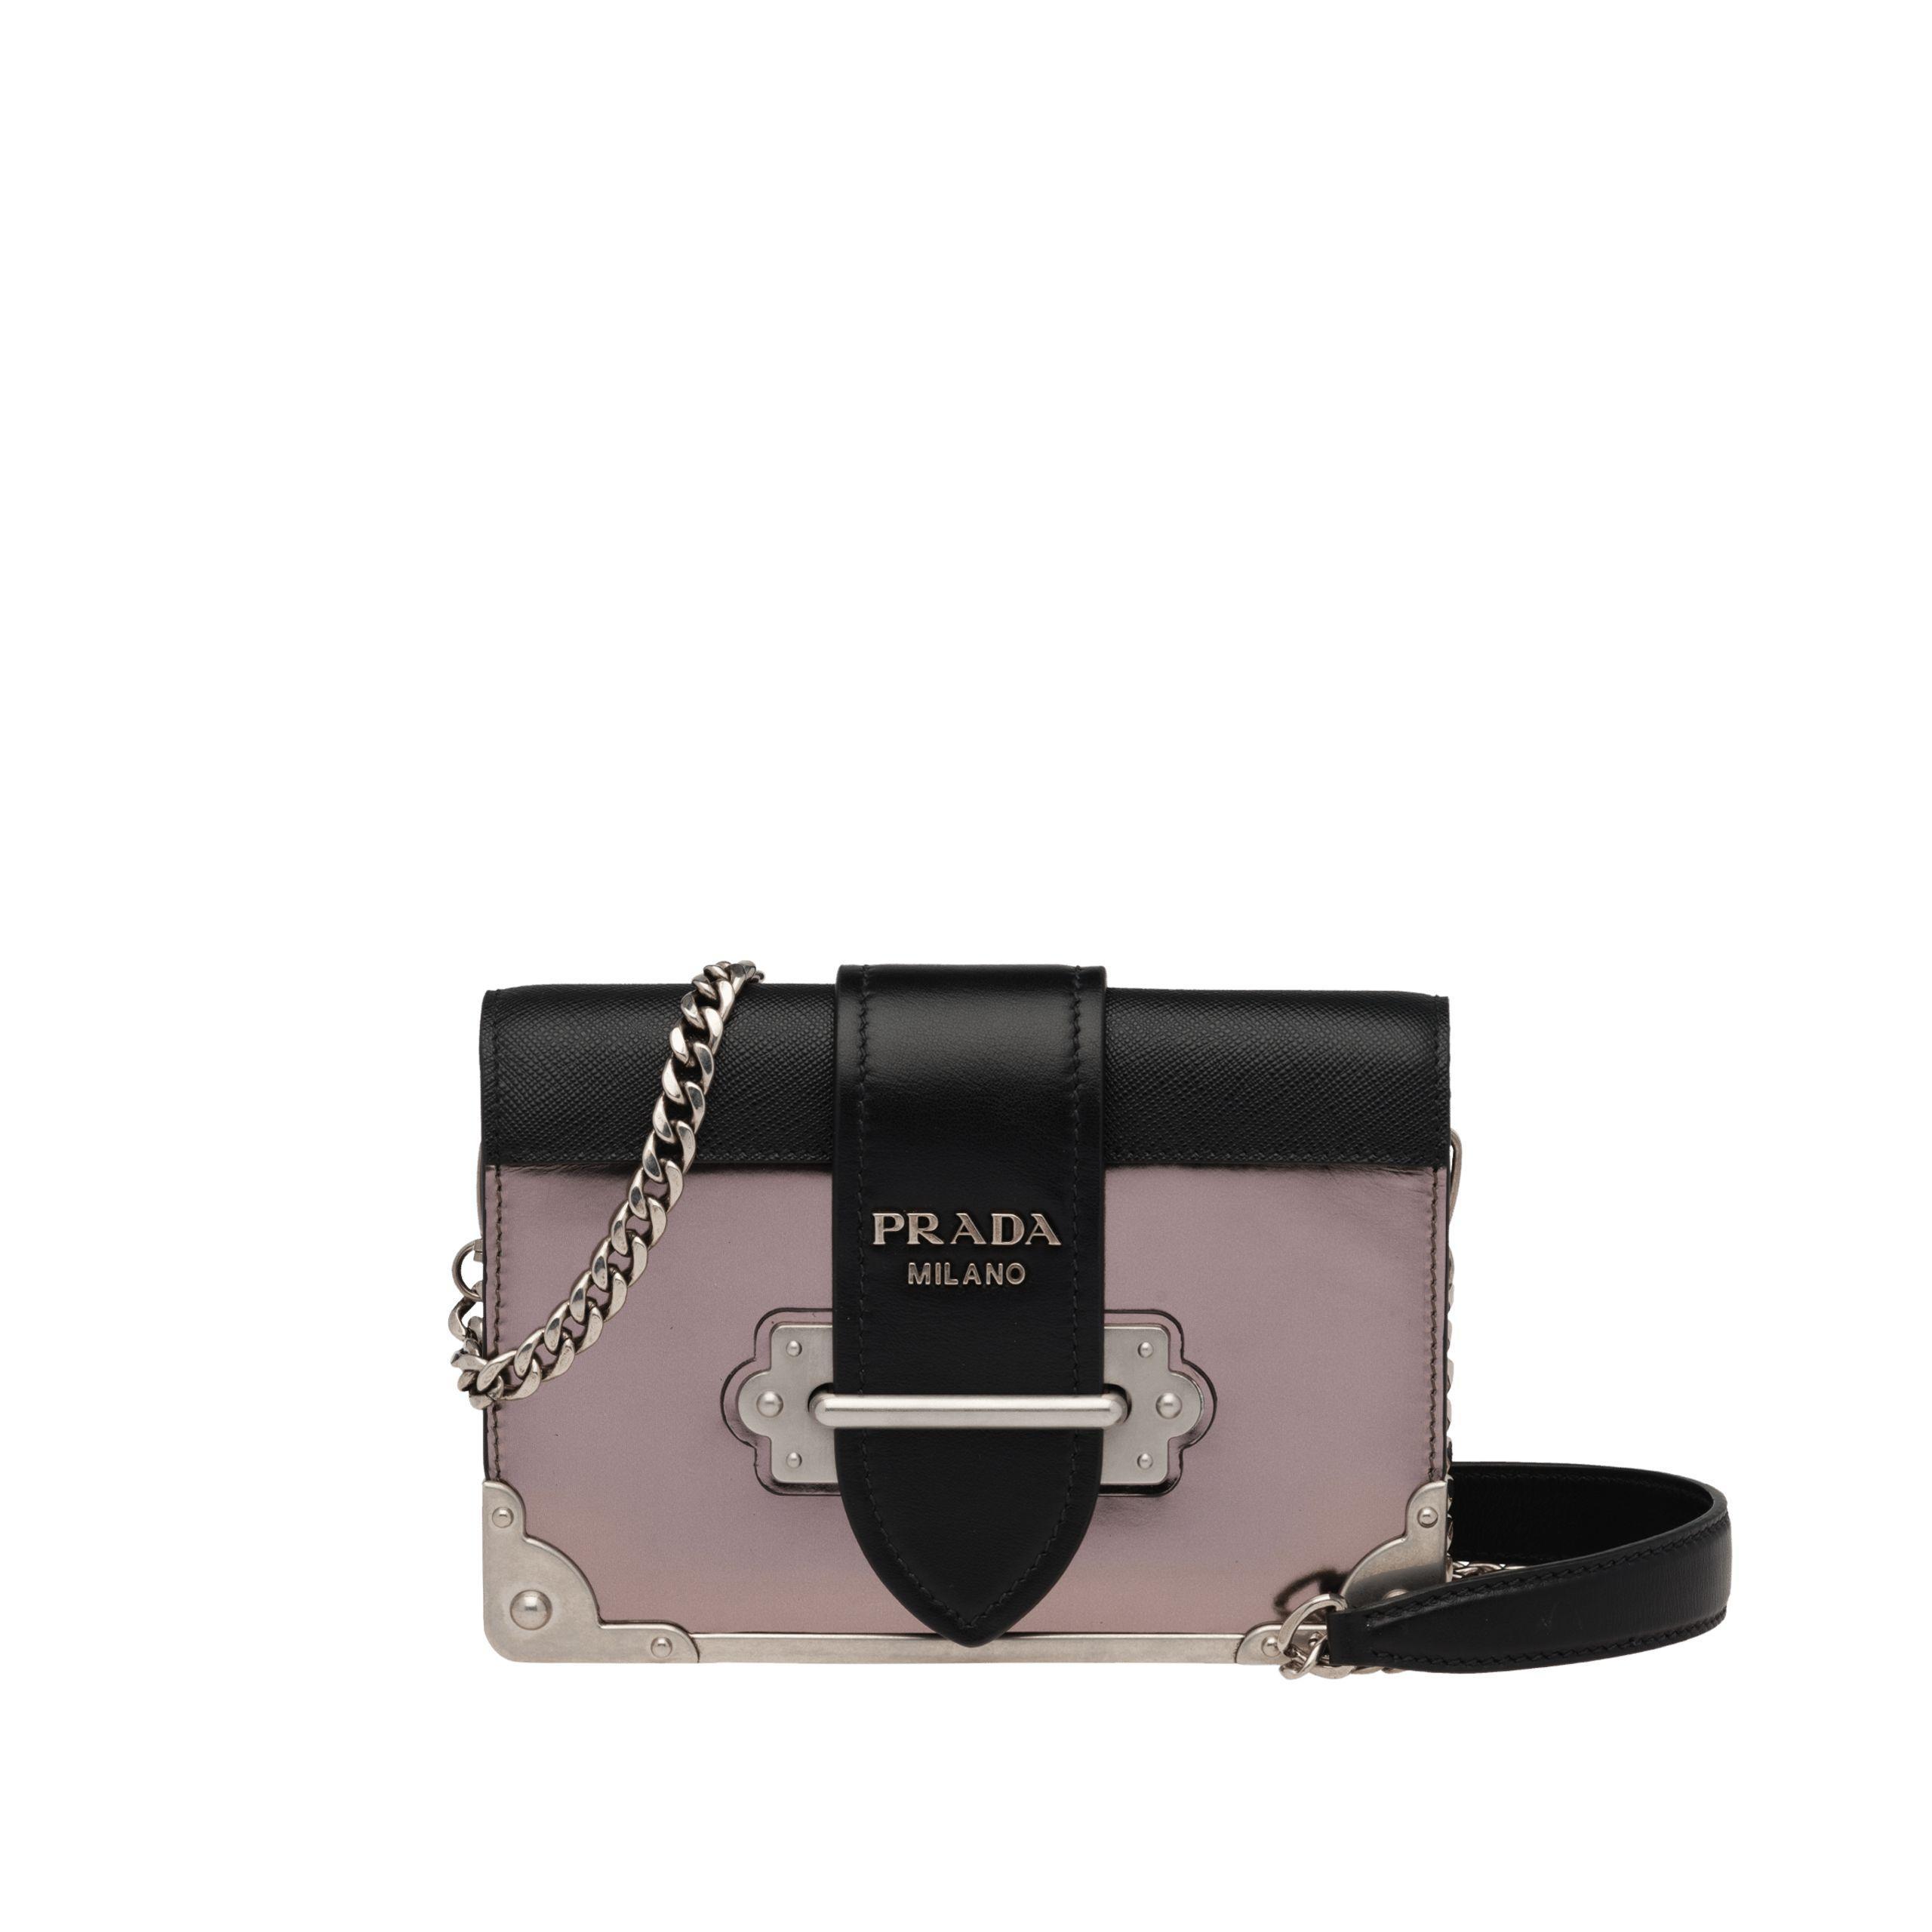 1d81756524d8 Lyst - Prada Cahier Leather Shoulder Bag in Black